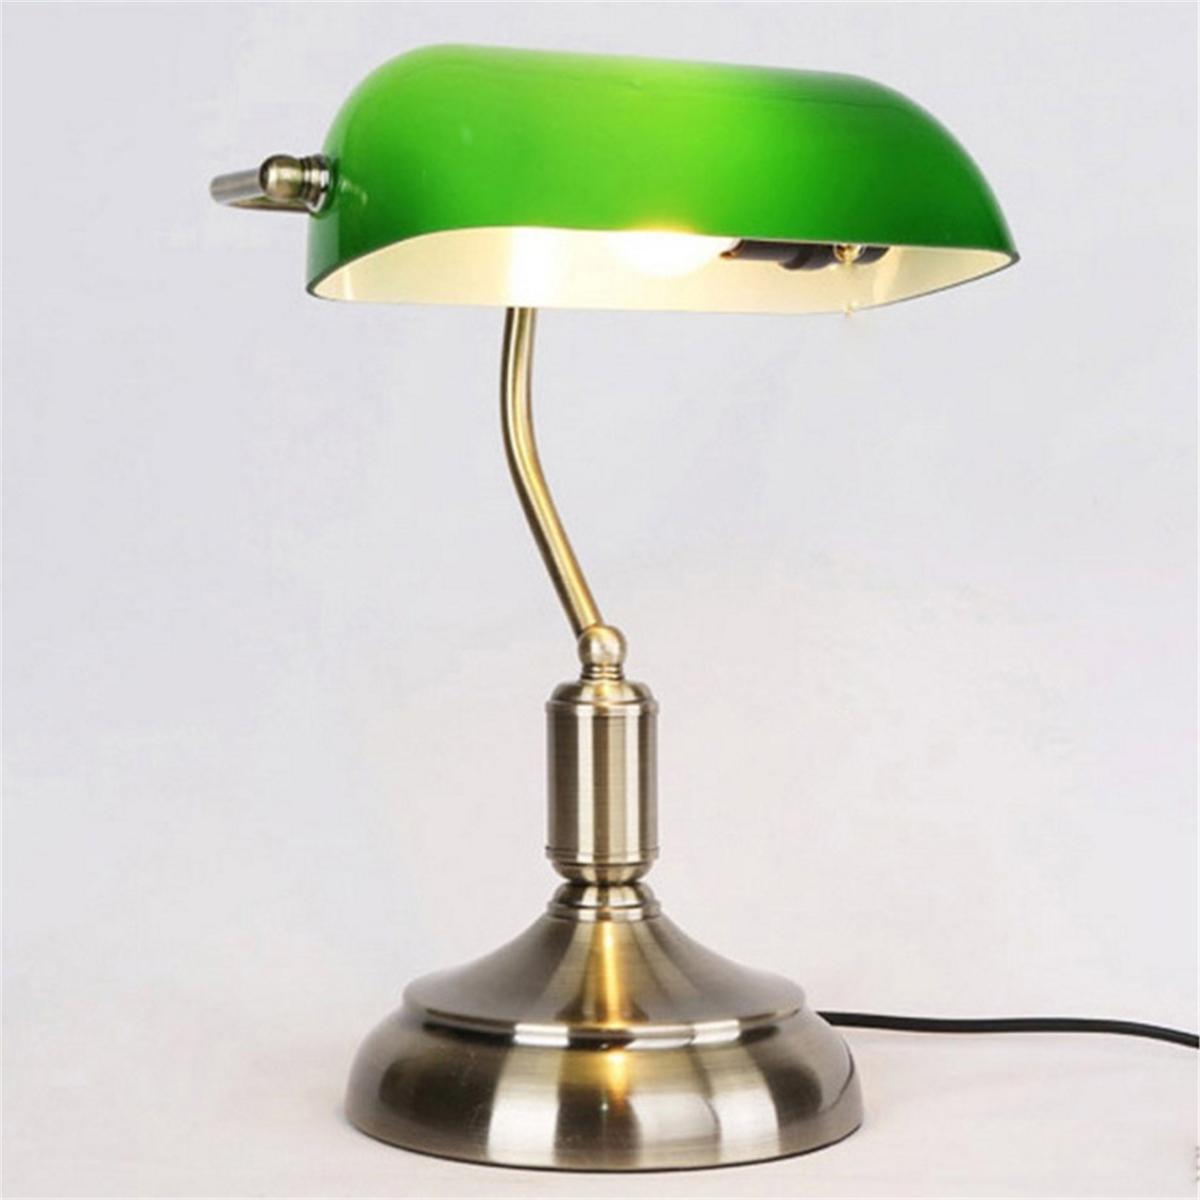 Vintage Bankers Lamp Antique Brass Desk Table